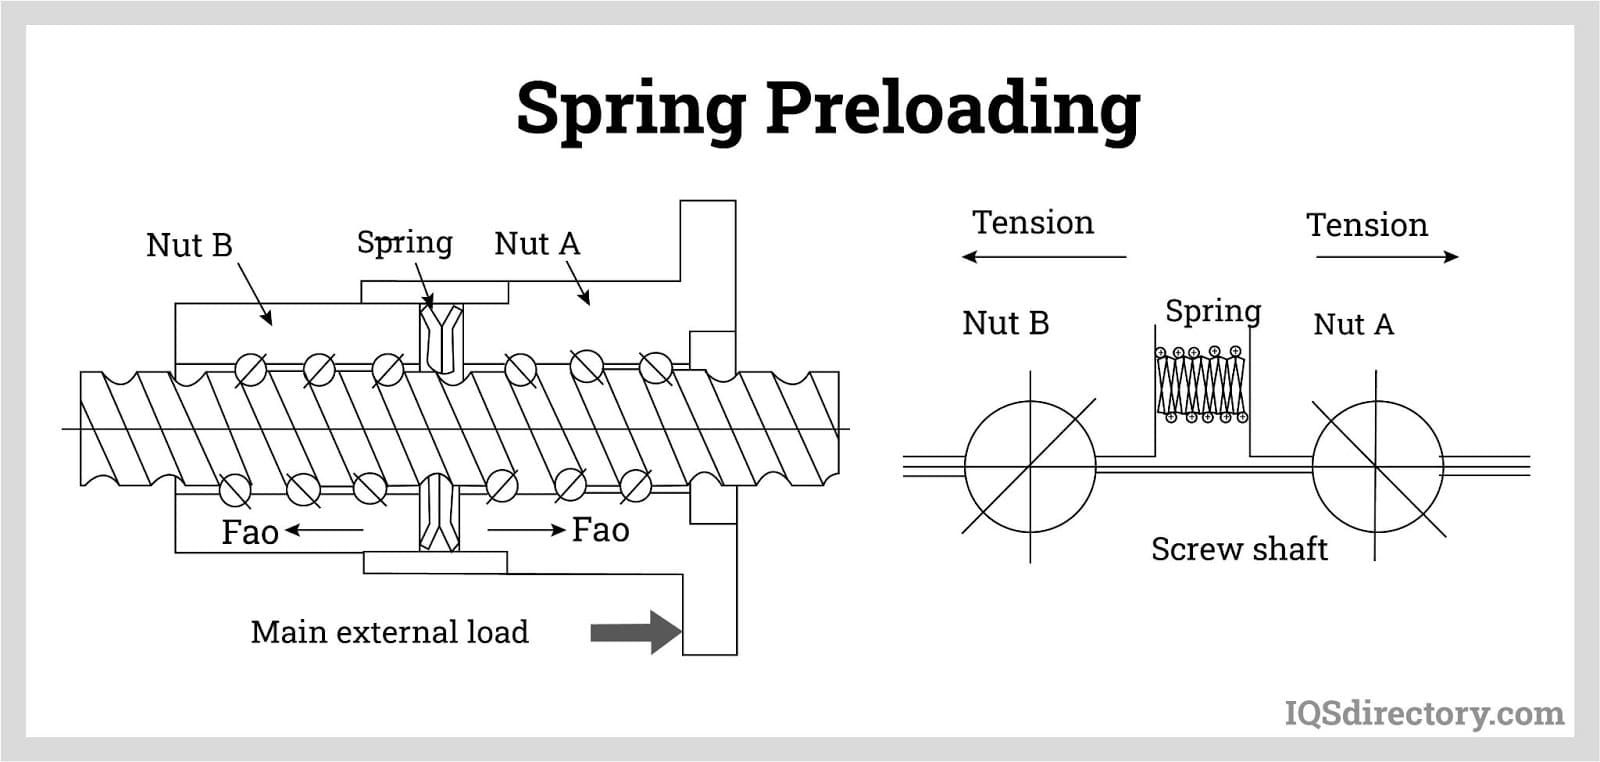 Spring Preloading